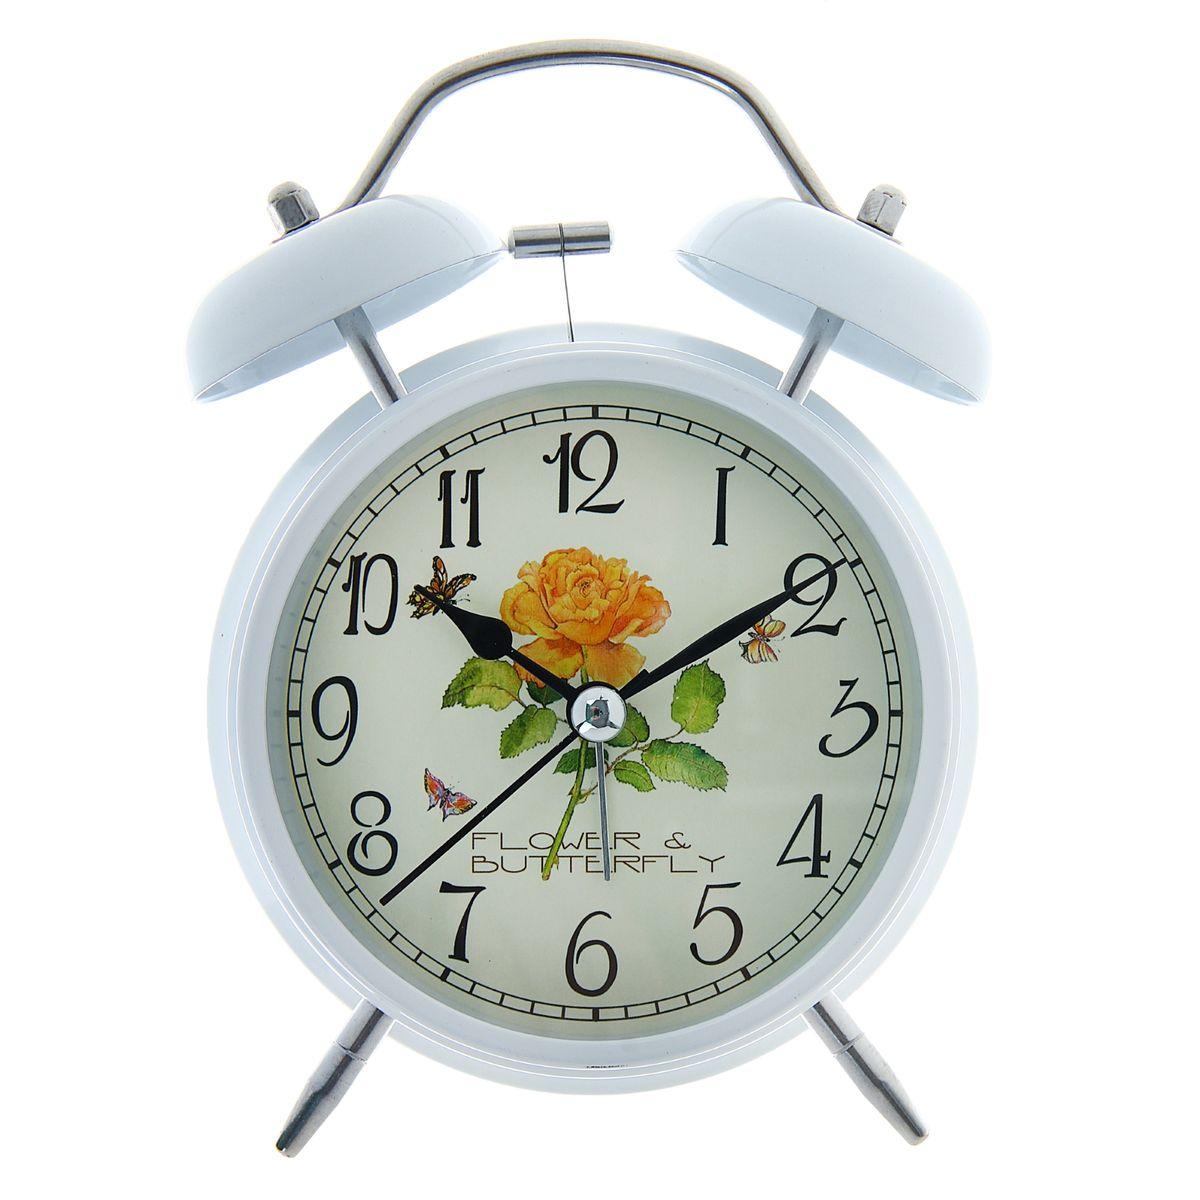 Часы-будильник Sima-land Flower & Butterfly165167Как же сложно иногда вставать вовремя! Всегда так хочется поспать еще хотя бы 5 минут и бывает, что мы просыпаем. Теперь этого не случится! Яркий, оригинальный будильник Sima-land Flower & Butterfly поможет вам всегда вставать в нужное время и успевать везде и всюду.Корпус будильника выполнен из металла. Циферблат оформлен изображением цветов и бабочек. Часы снабжены 4 стрелками (секундная, минутная, часовая и для будильника). На задней панели будильника расположен переключатель включения/выключения механизма, а также два колесика для настройки текущего времени и времени звонка будильника. Изделие снабжено подсветкой, которая включается нажатием на кнопку с задней стороны корпуса.Пользоваться будильником очень легко: нужно всего лишь поставить батарейку, настроить точное время и установить время звонка. Необходимо докупить 1 батарейку типа АА (не входит в комплект).